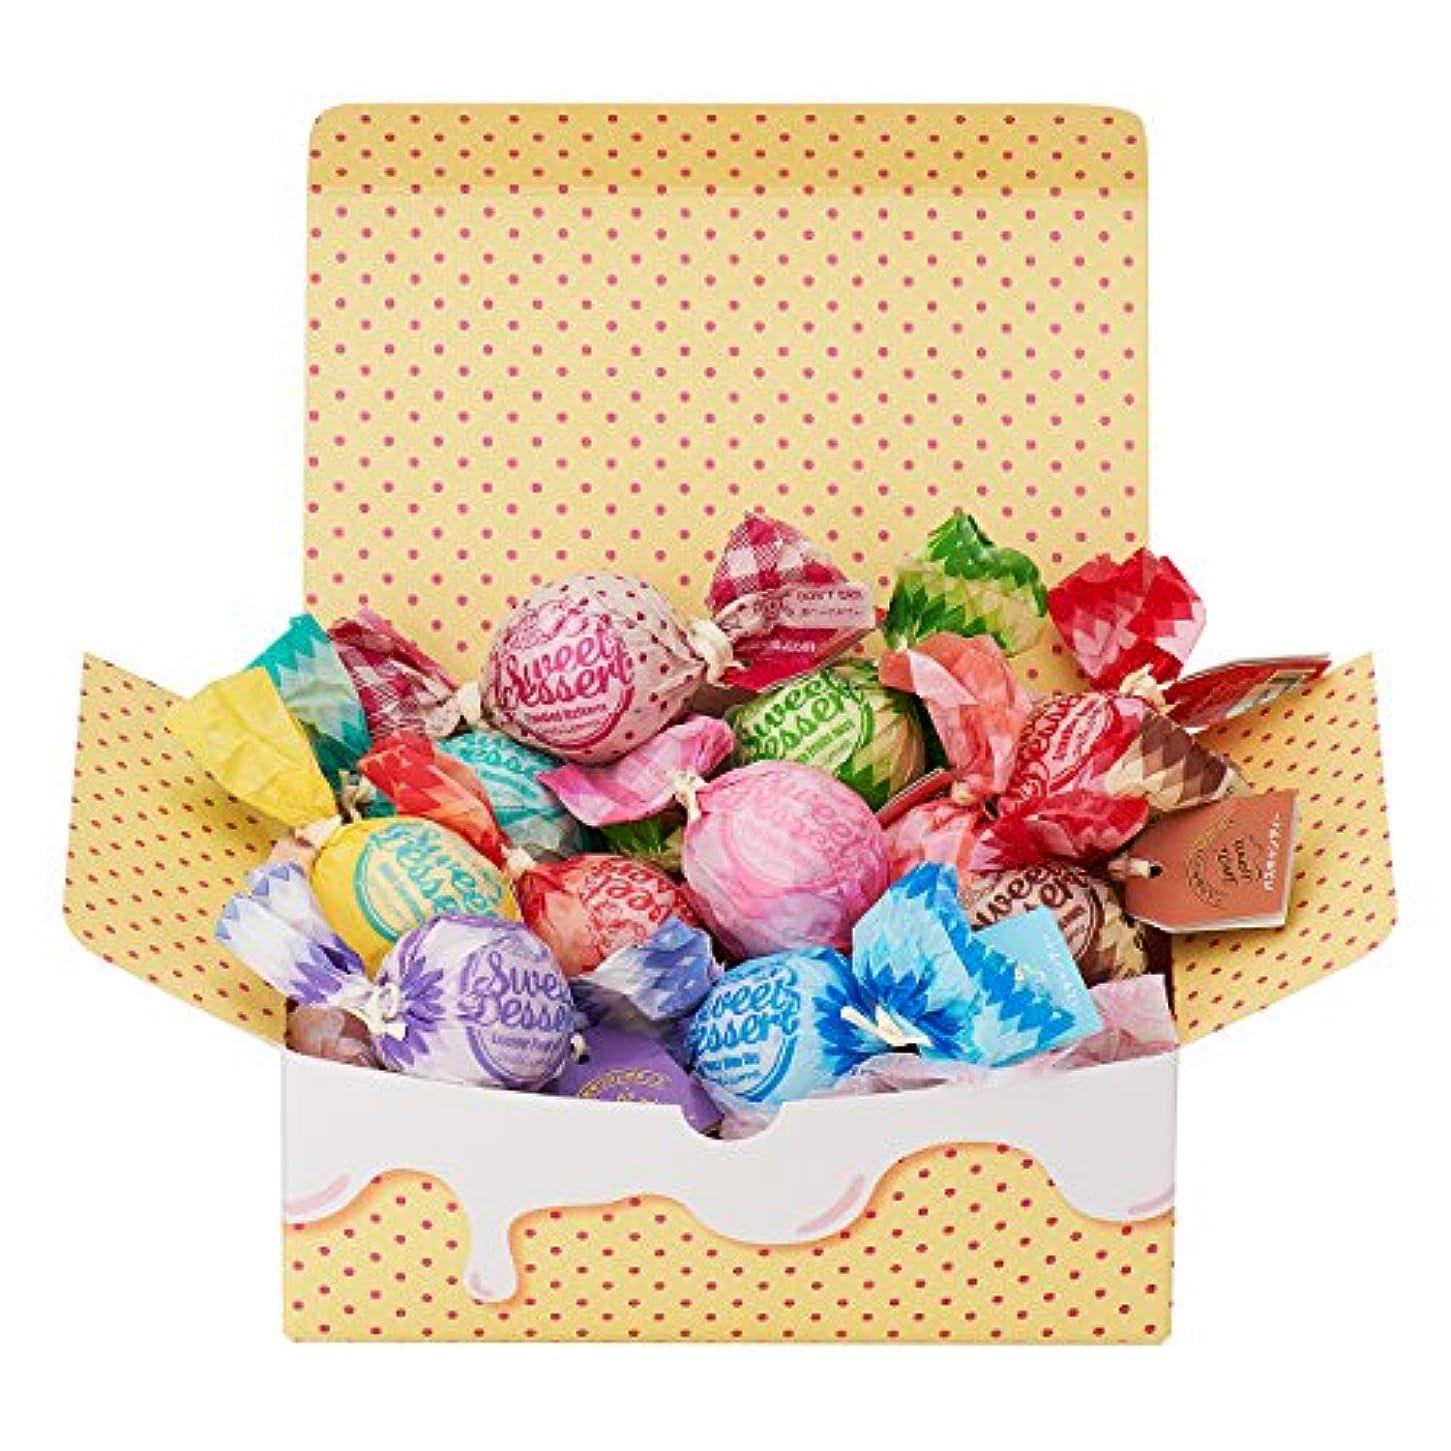 装備するもっとカウントアマイワナ 11粒のしあわせ(箱入りバスギフト キャンディー型入浴料×11個)